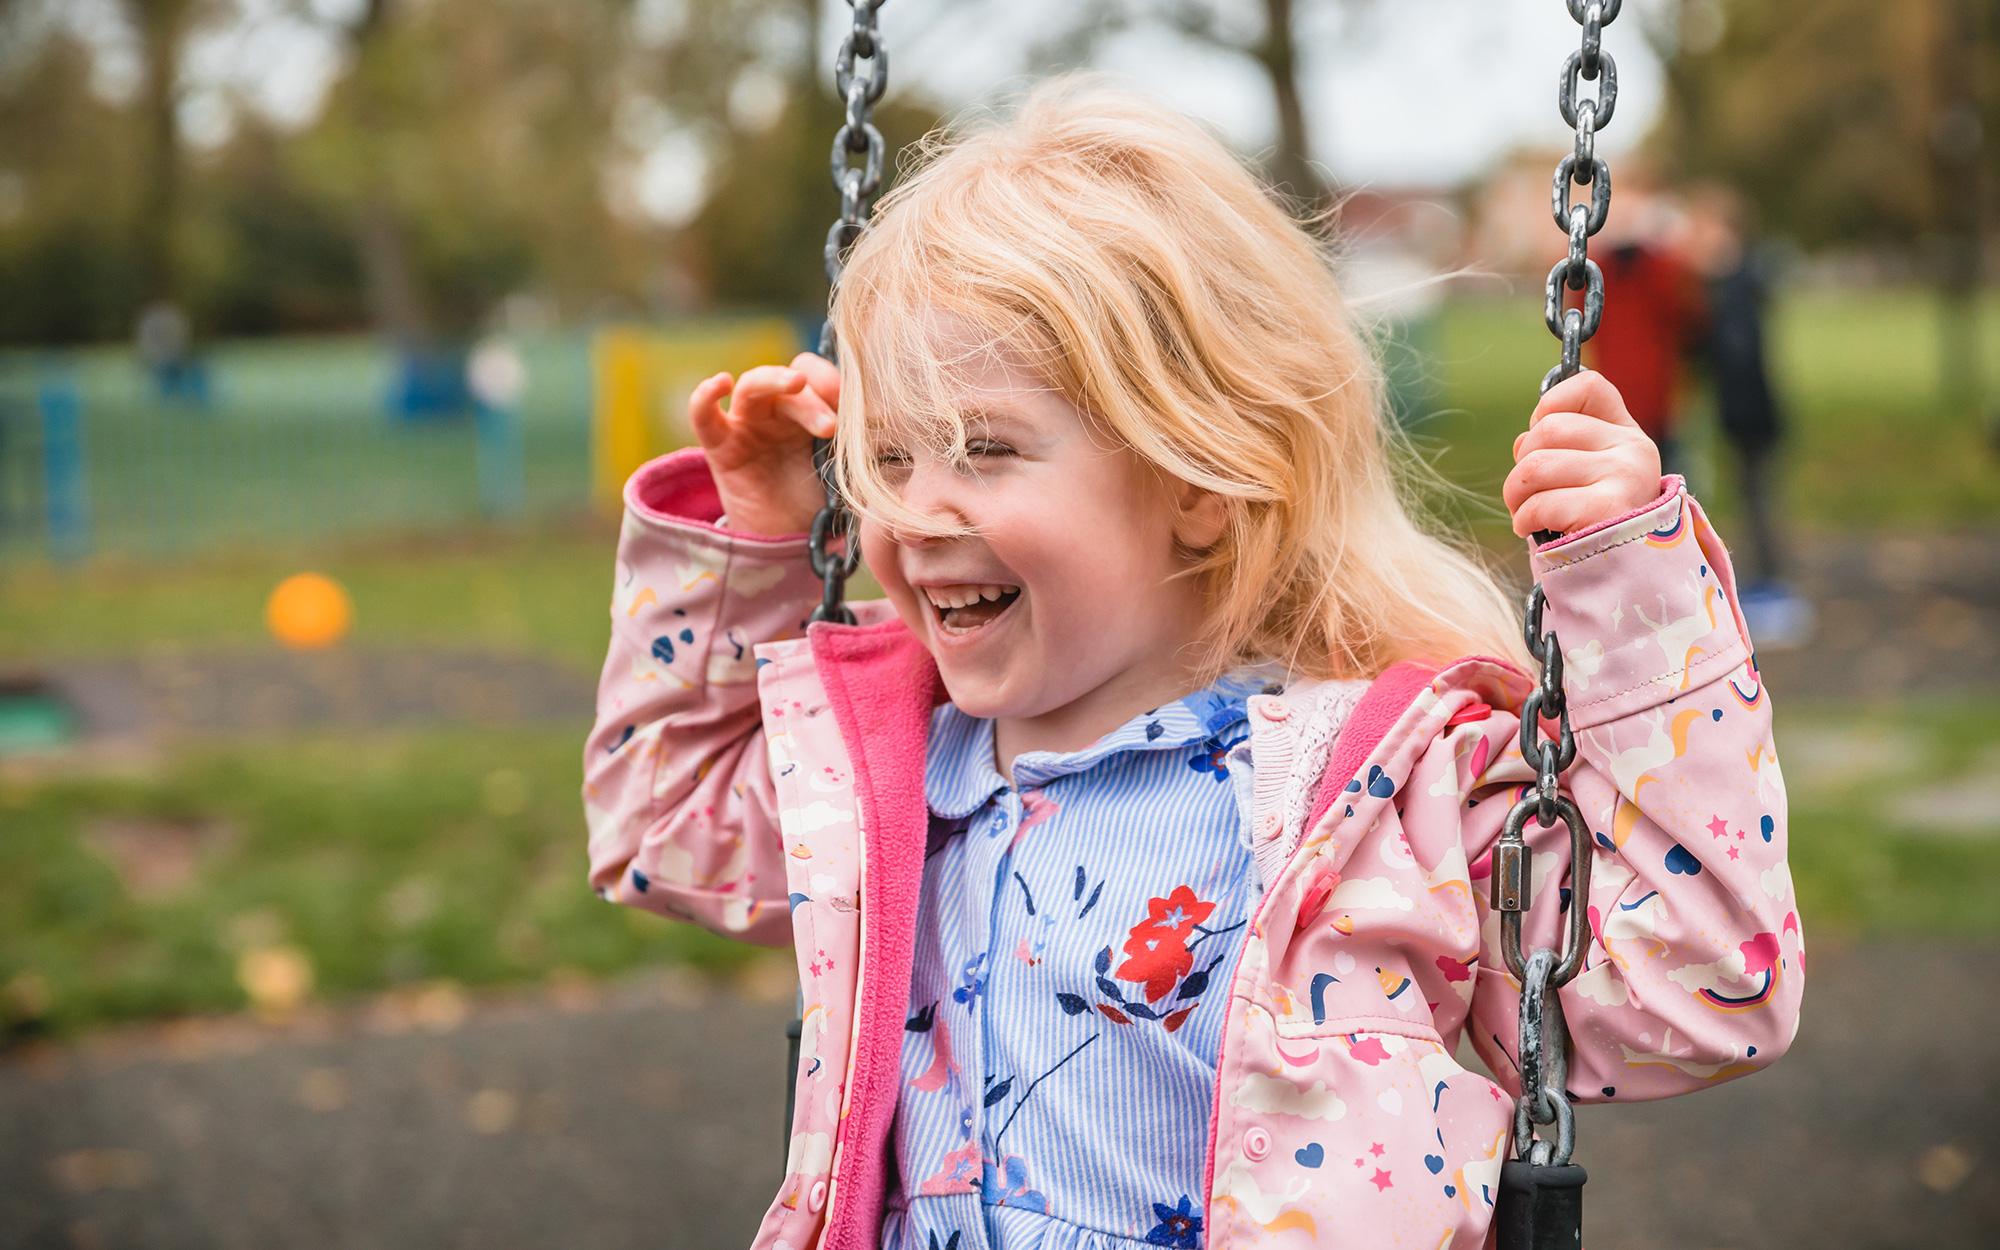 Trẻ dễ mắc bệnh, làm gì để phòng bệnh cho trẻ dịp Tết?